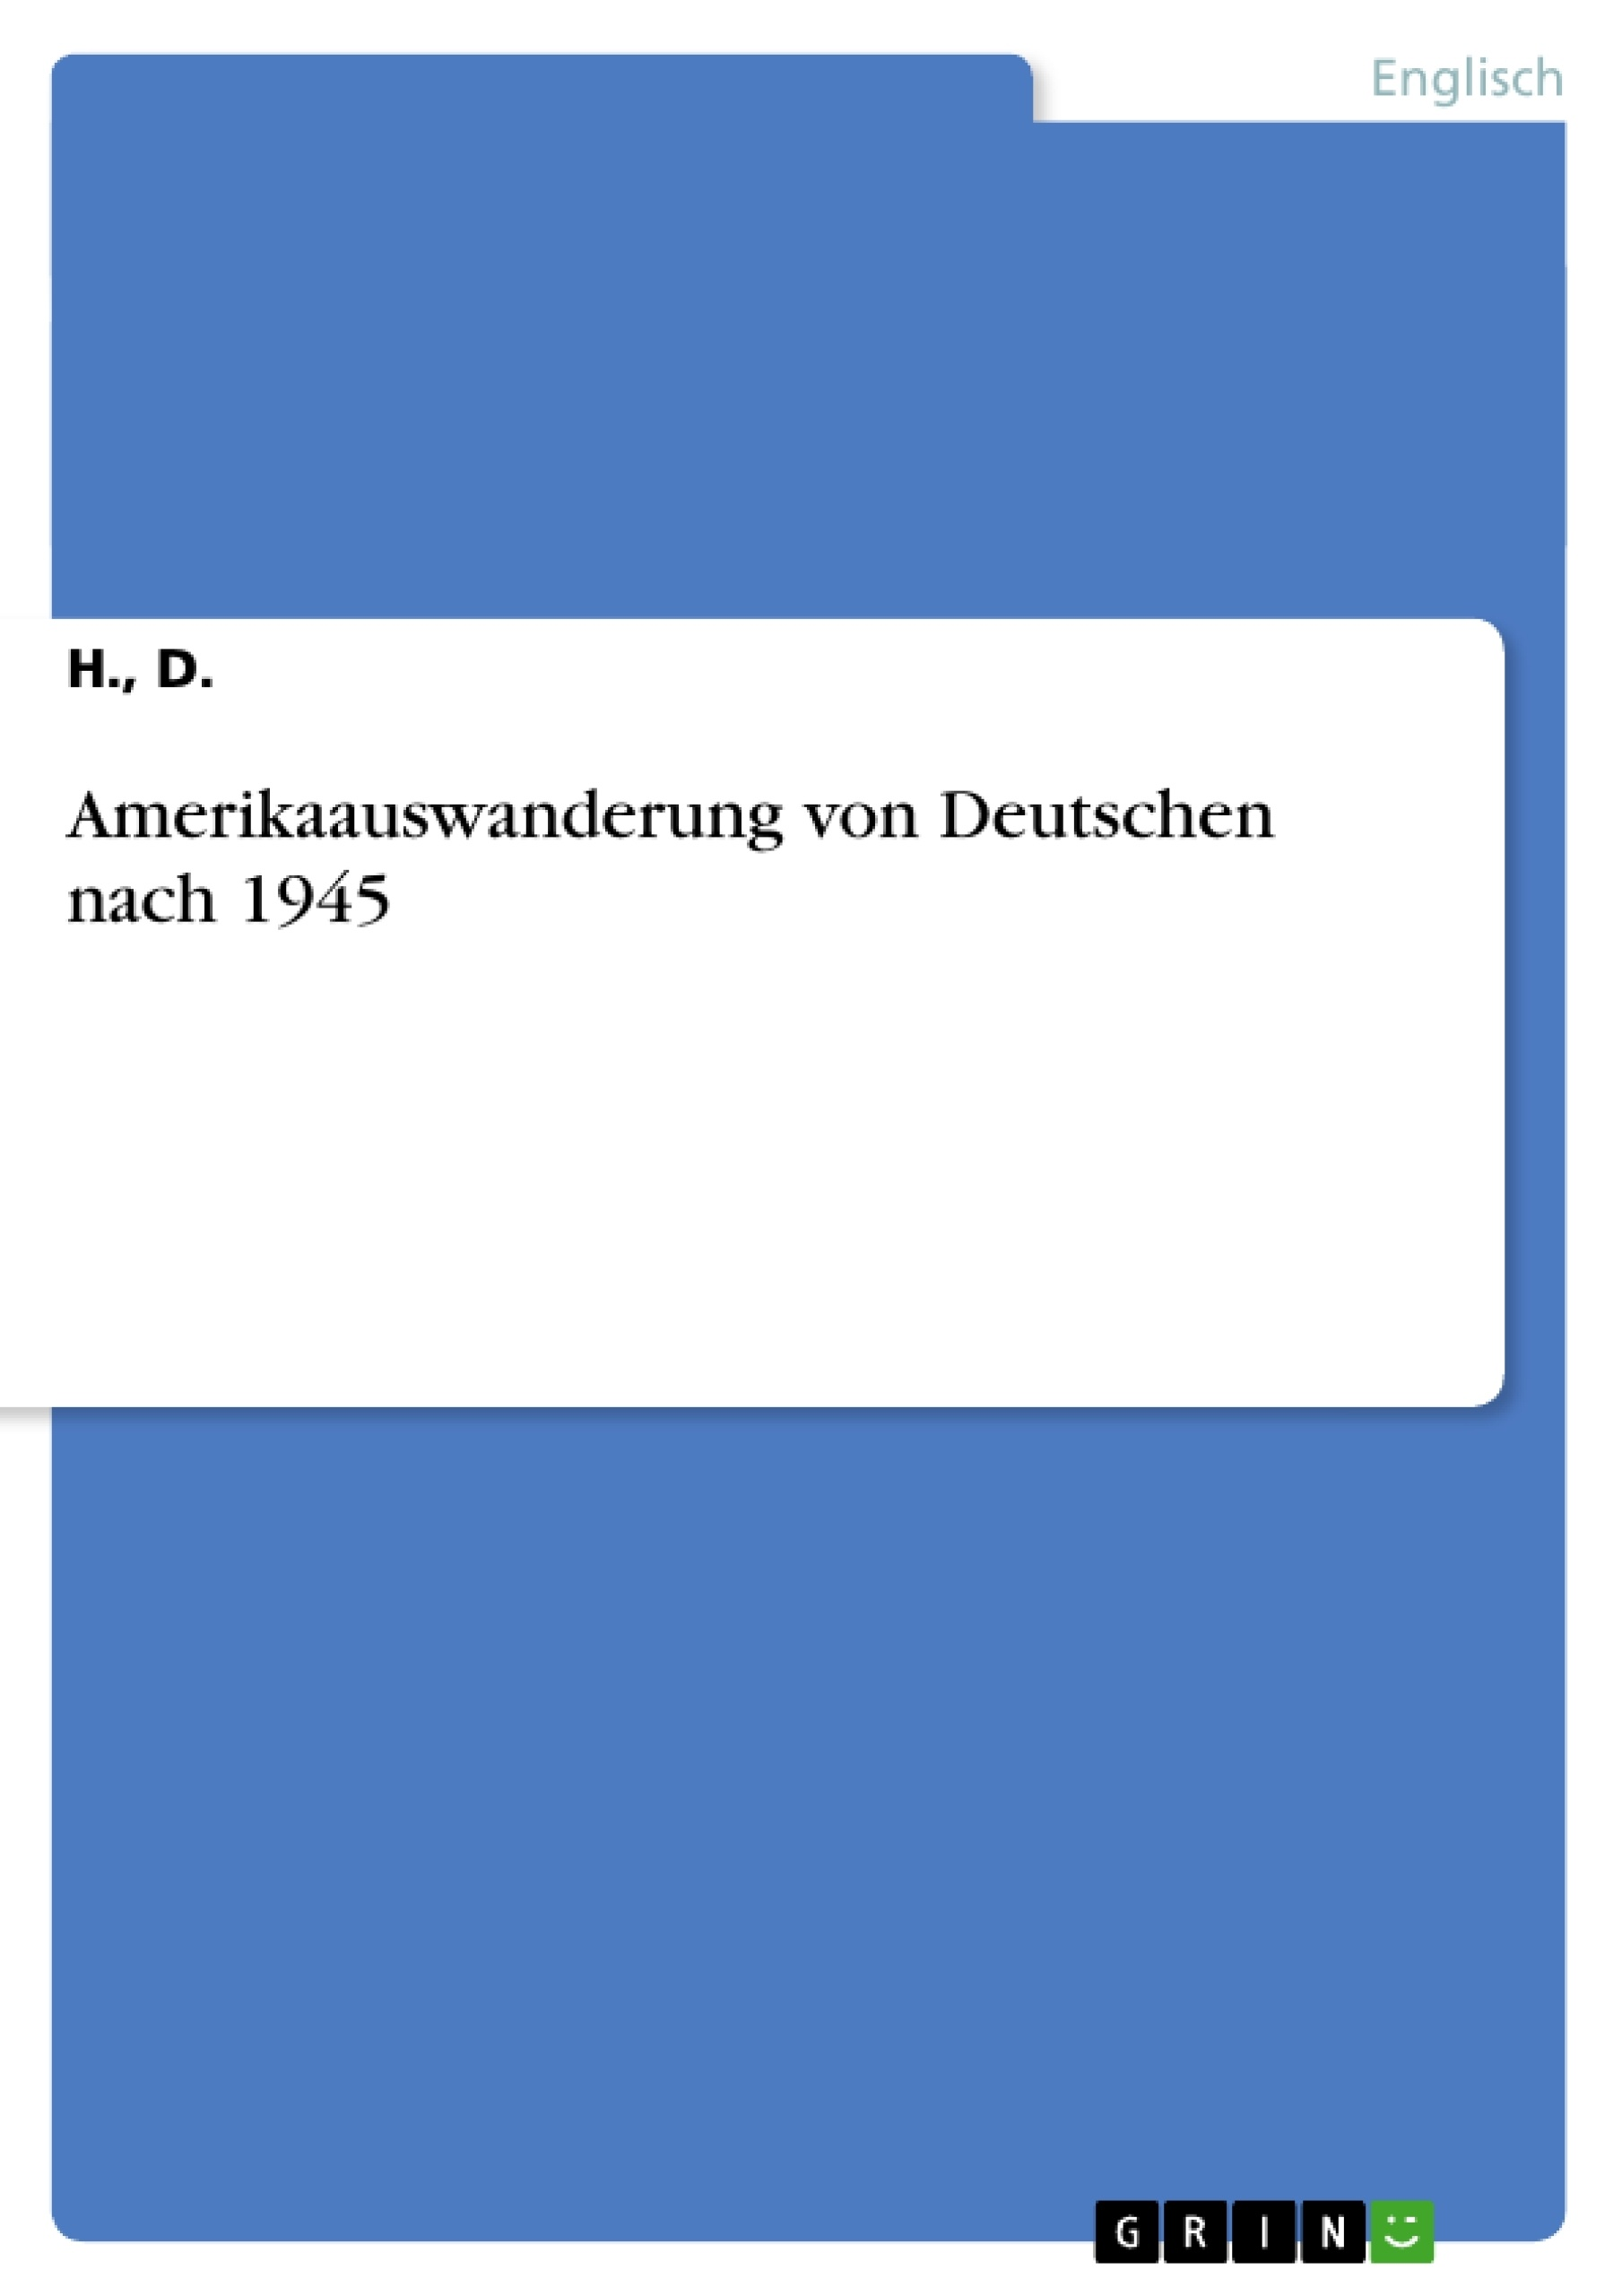 Titel: Amerikaauswanderung von Deutschen nach 1945